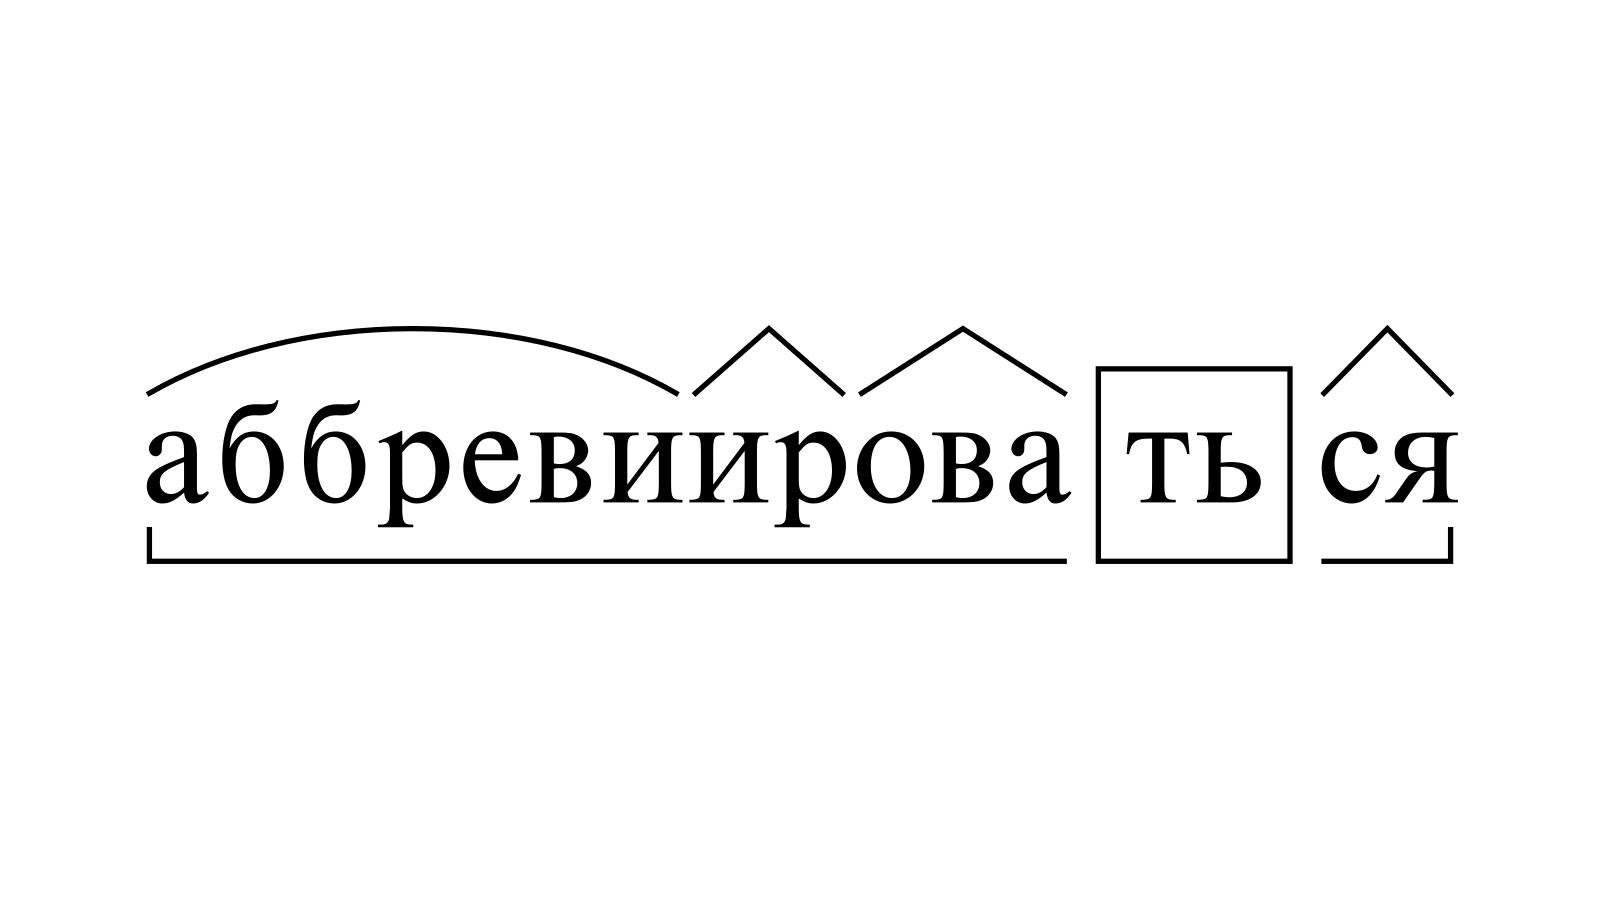 Разбор слова «аббревиироваться» по составу